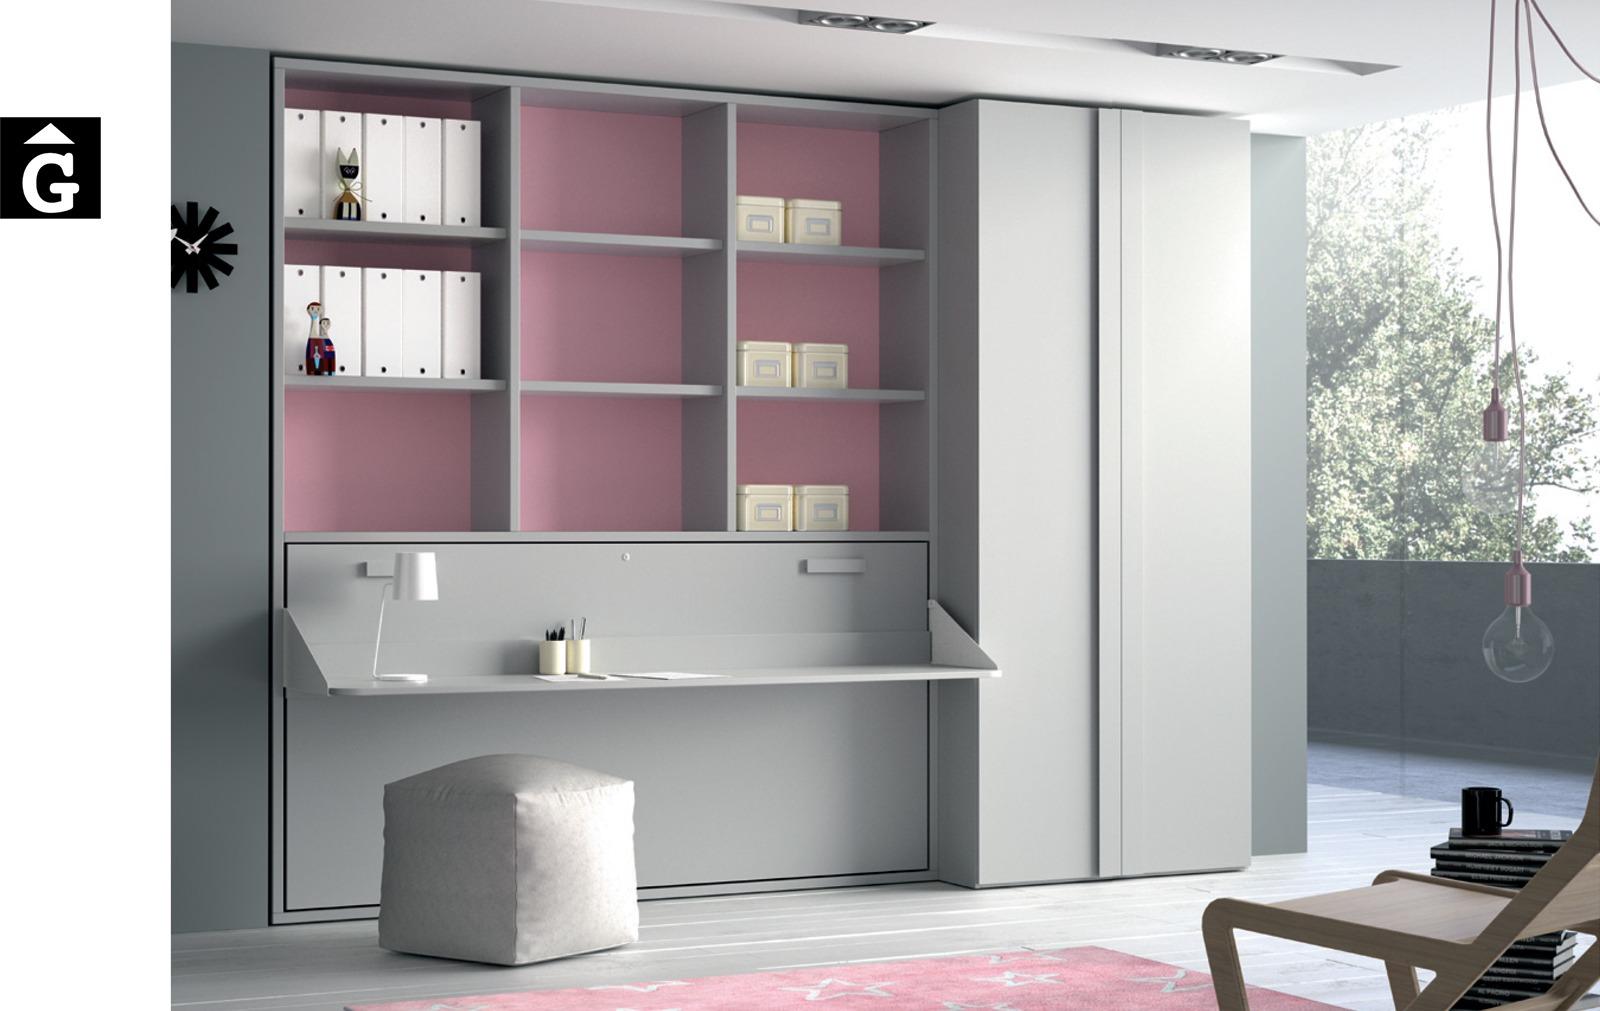 Llit avatible horitzontal amb escriptori-bedrooms-infinity-muebles-jjp-by-mobles-gifreu-llits-de-nado-infantil-juvenil-singel-disseny-actual-qualitat